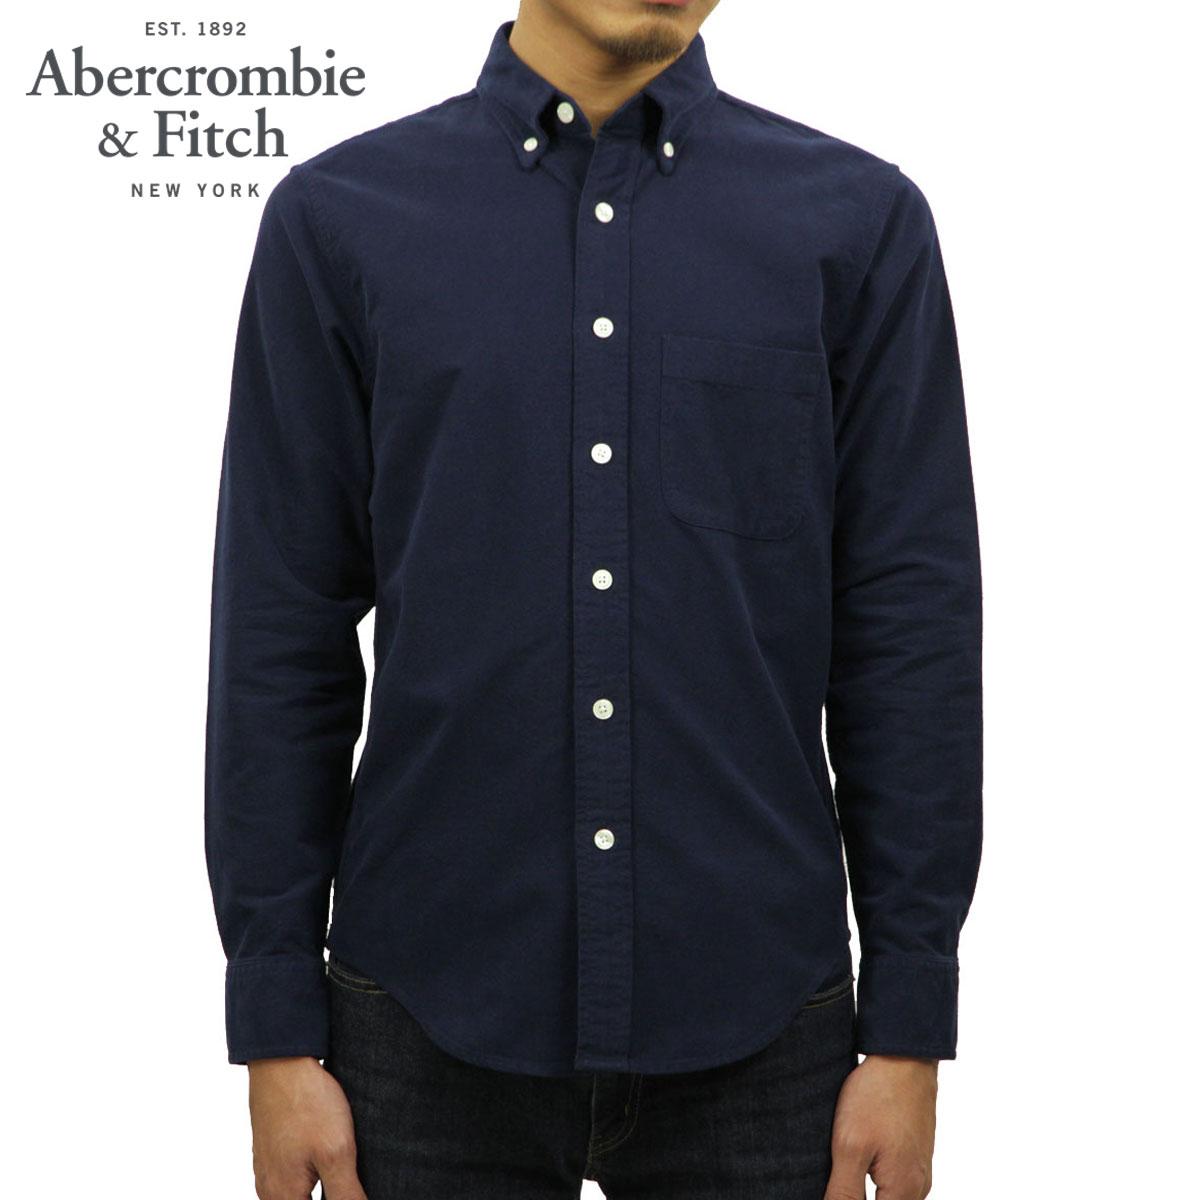 アバクロ シャツ メンズ 正規品 Abercrombie&Fitch 長袖シャツ ボタンダウンシャツ OXFORD SHIRT 125-168-2861-201